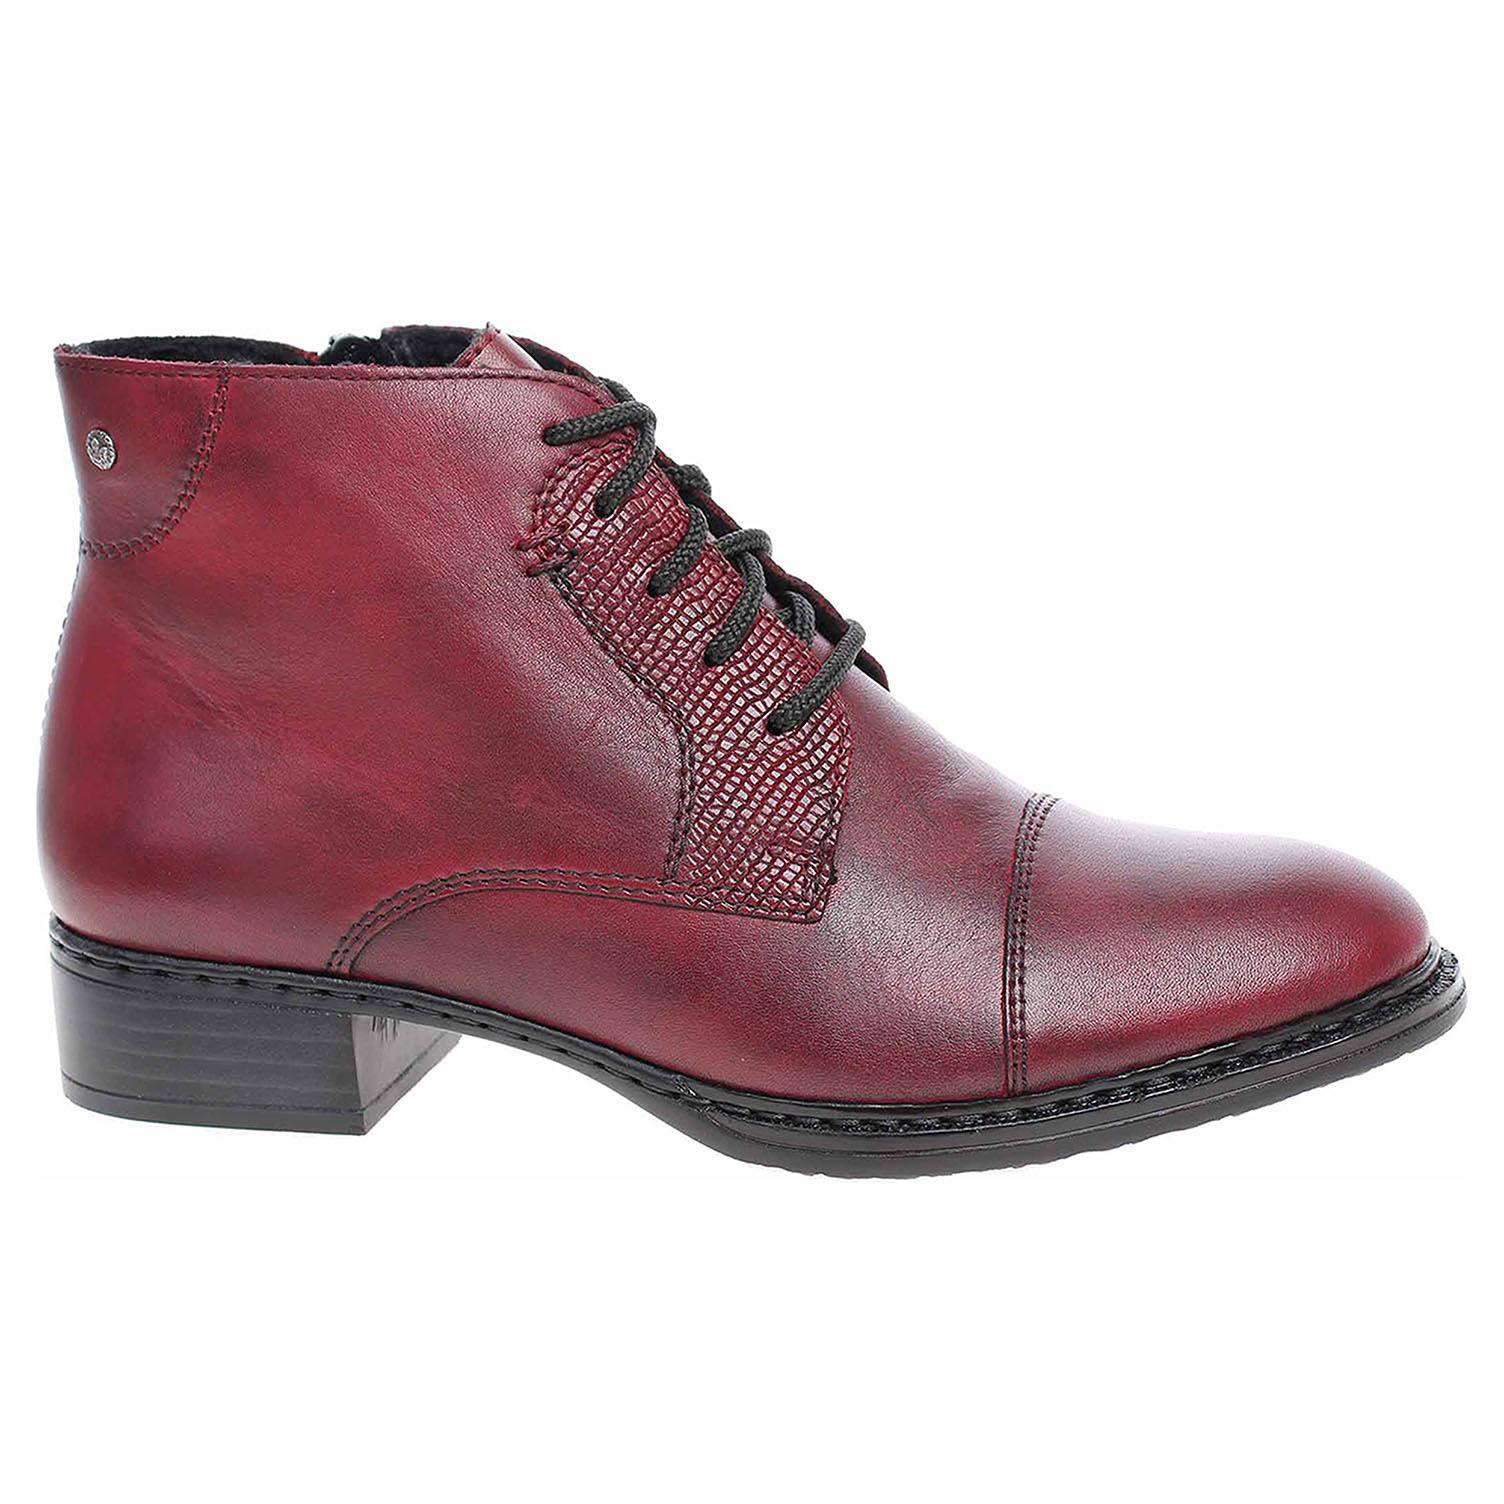 Dámská kotníková obuv Rieker 73420-35 rot 73420-35 39